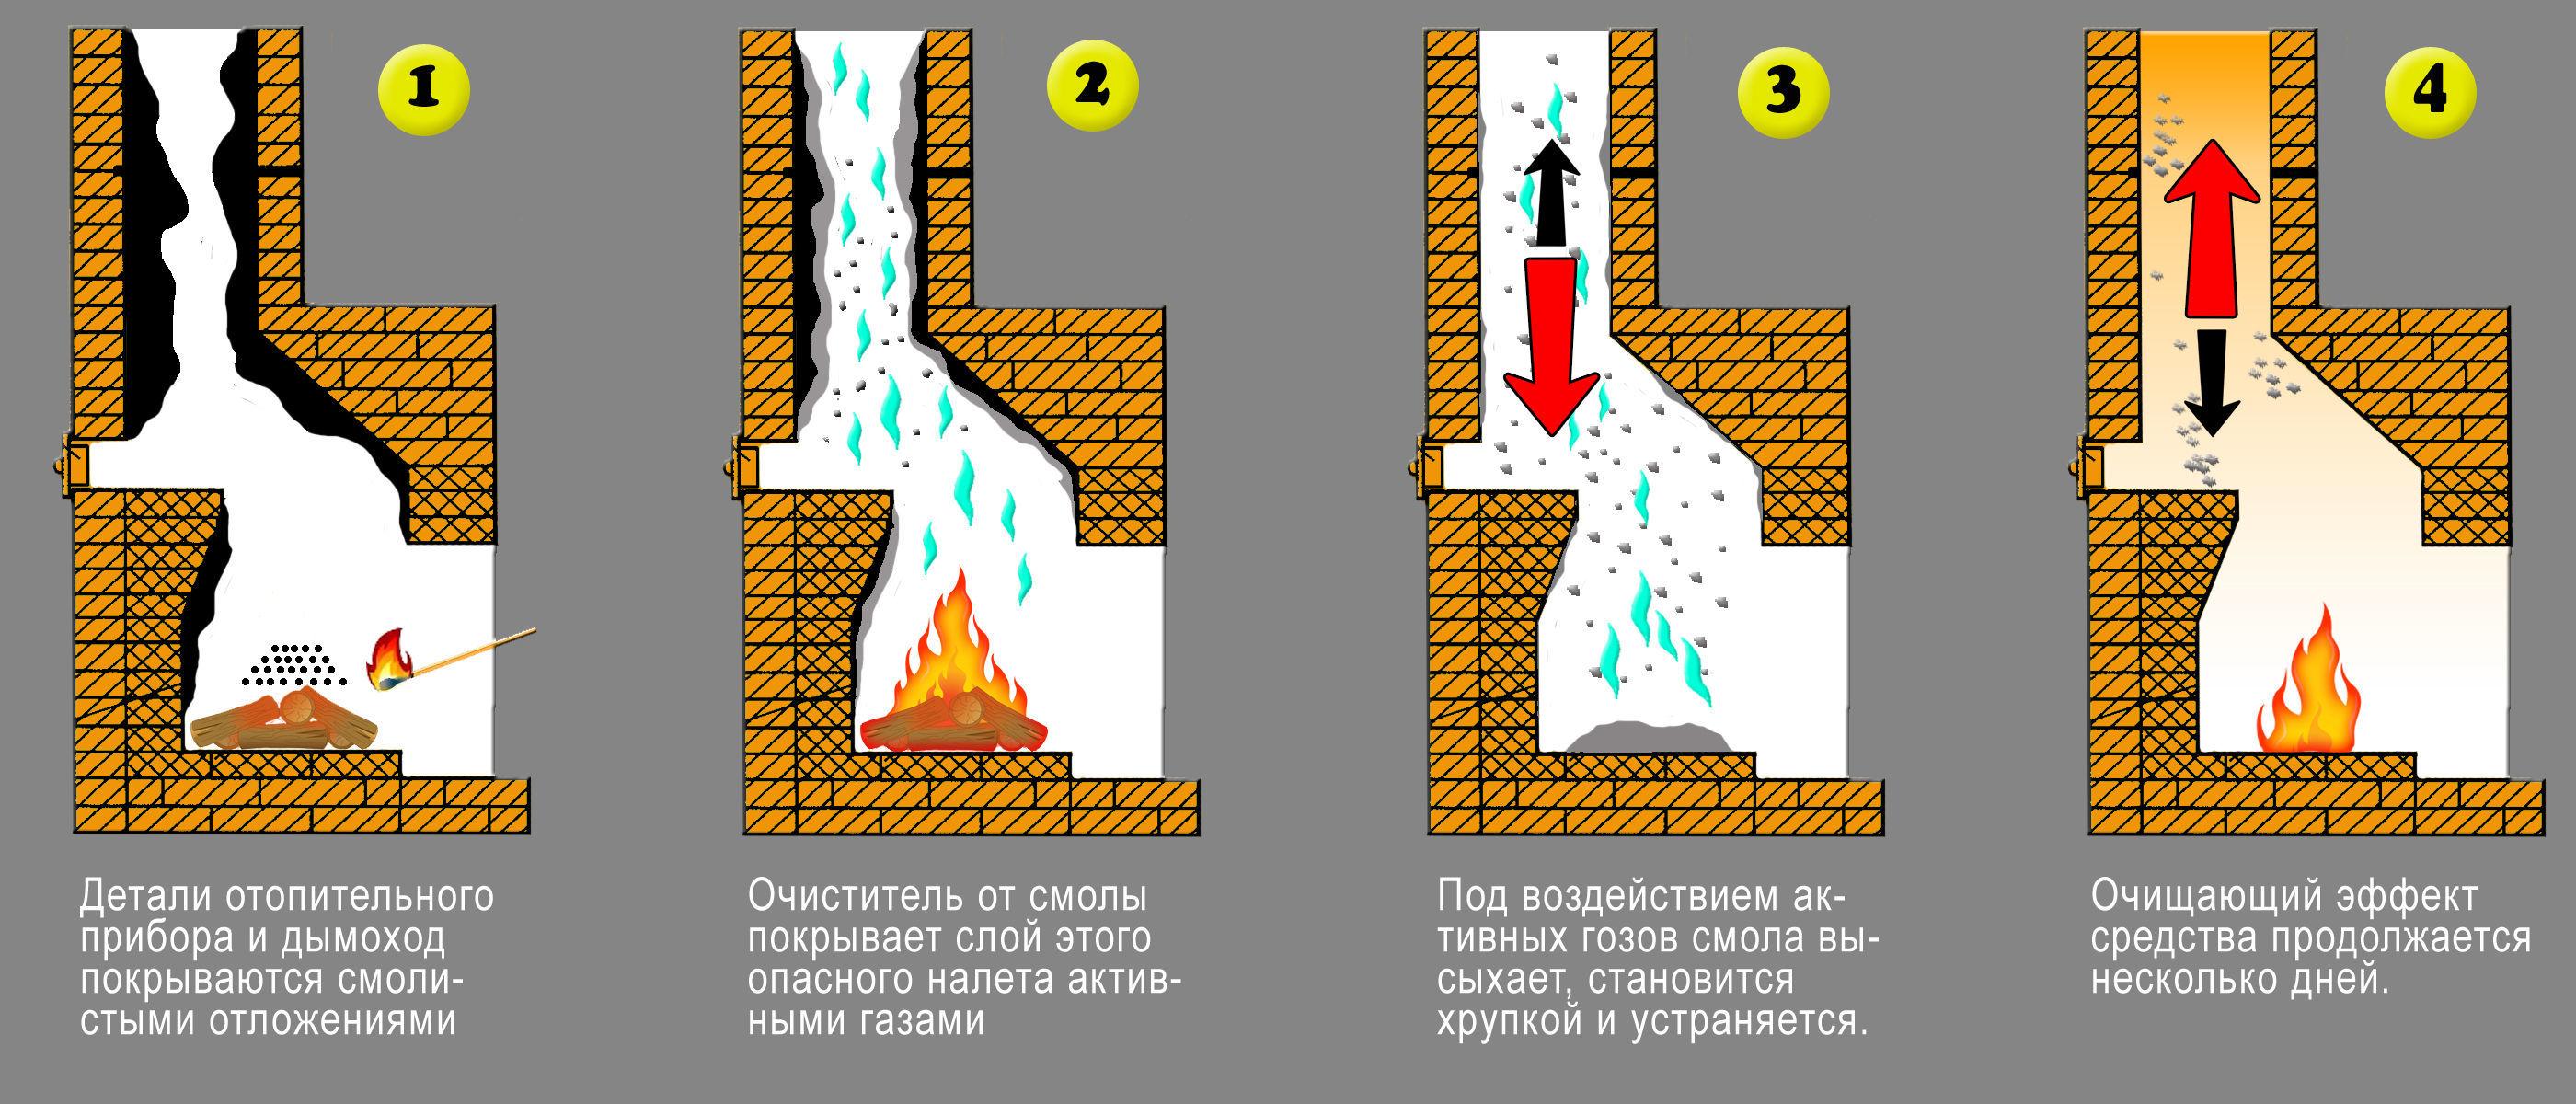 Процесс очистки дымохода химическими средствами